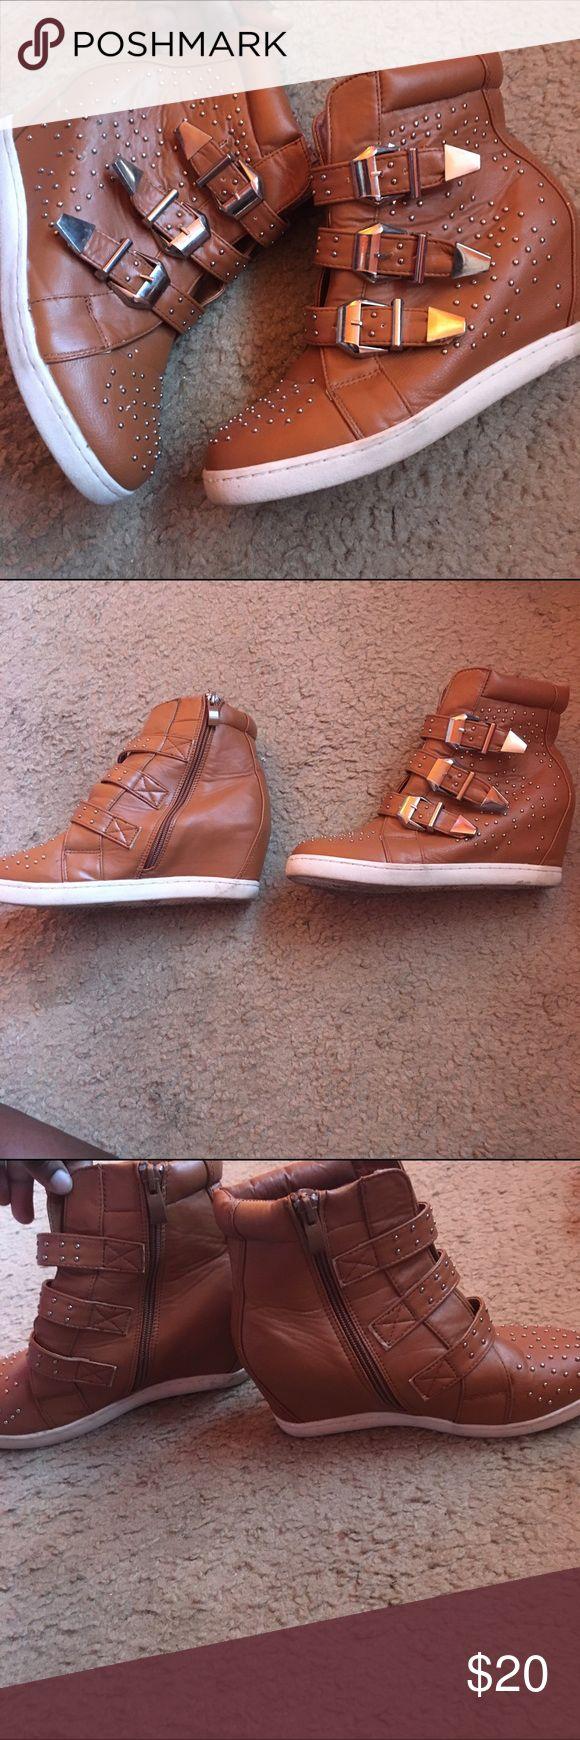 Cute sneaker wedges Brown sneaker wedges size 7.5 Shoes Wedges